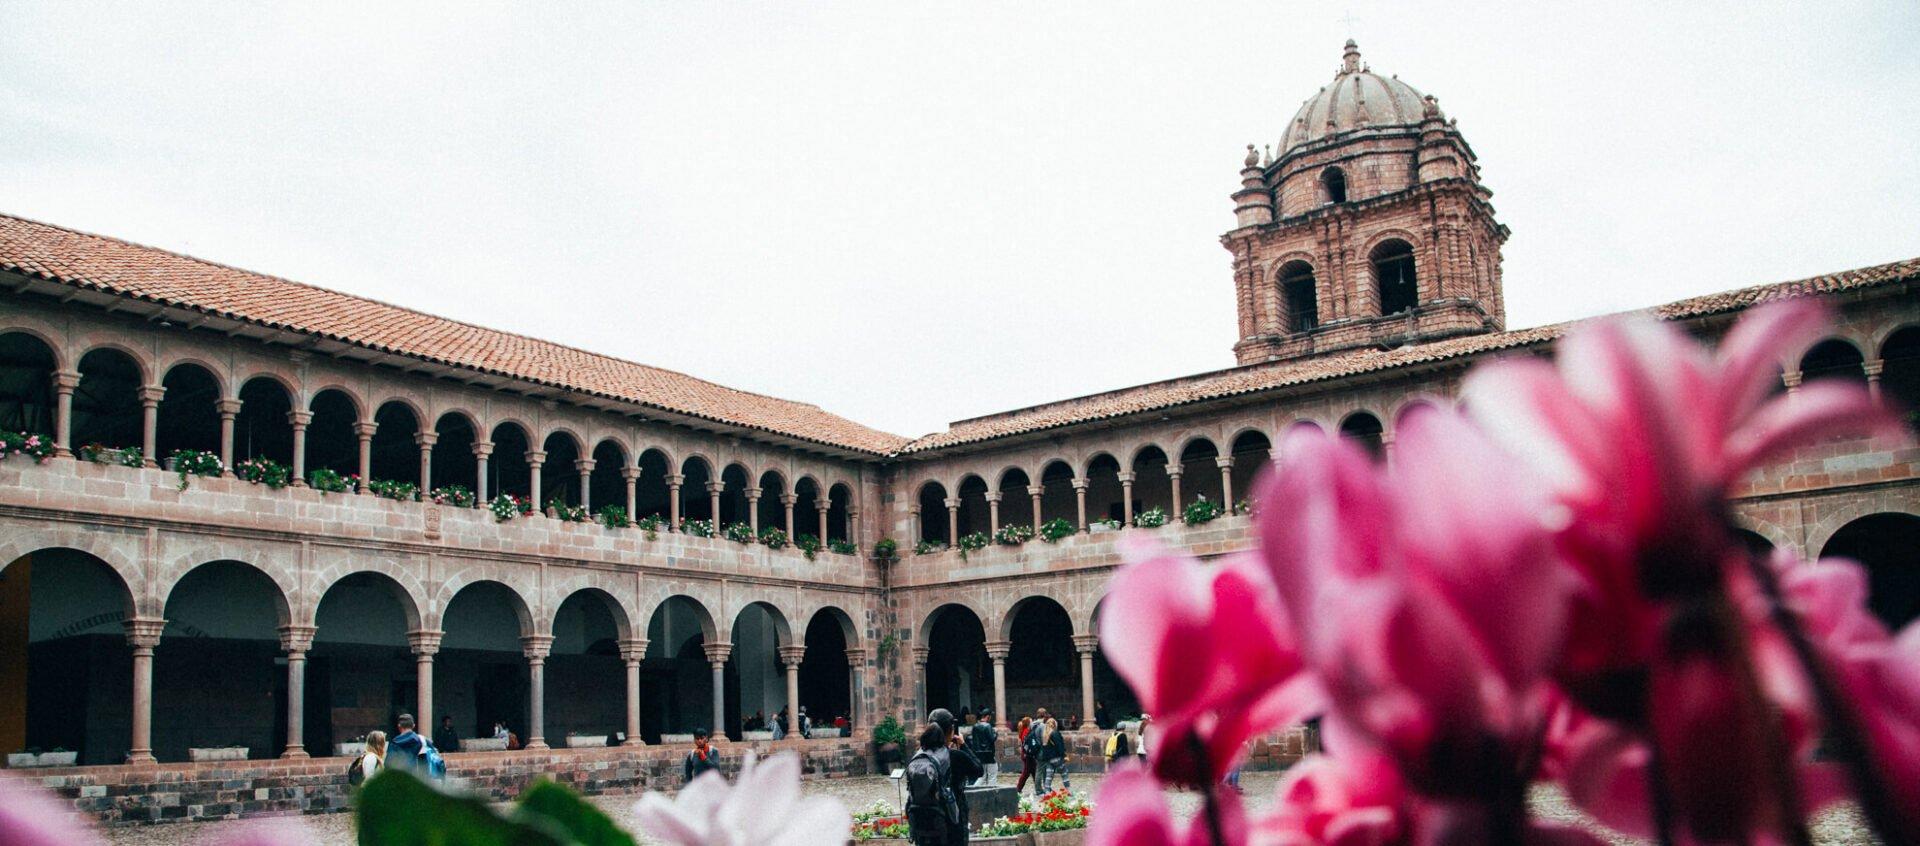 Convento de Santo Domingo | City Tour em Cusco, Peru